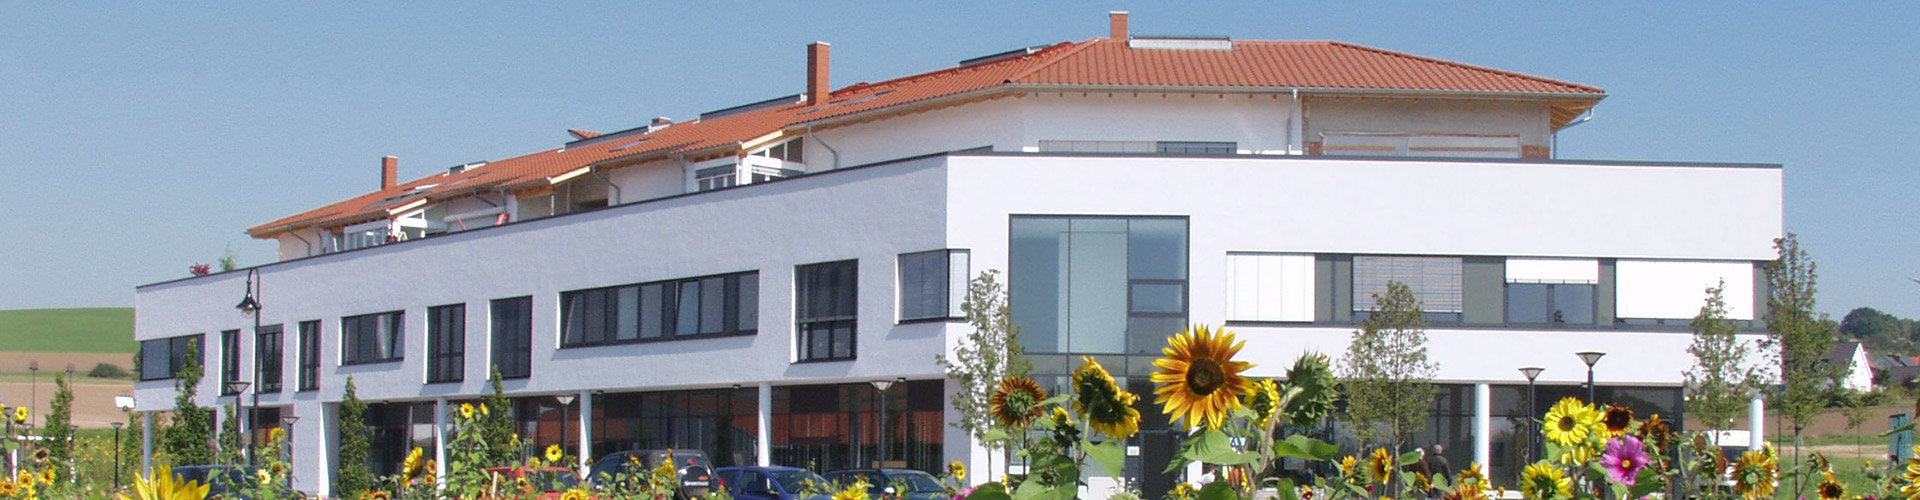 Außenansicht des Klinikgebäudes